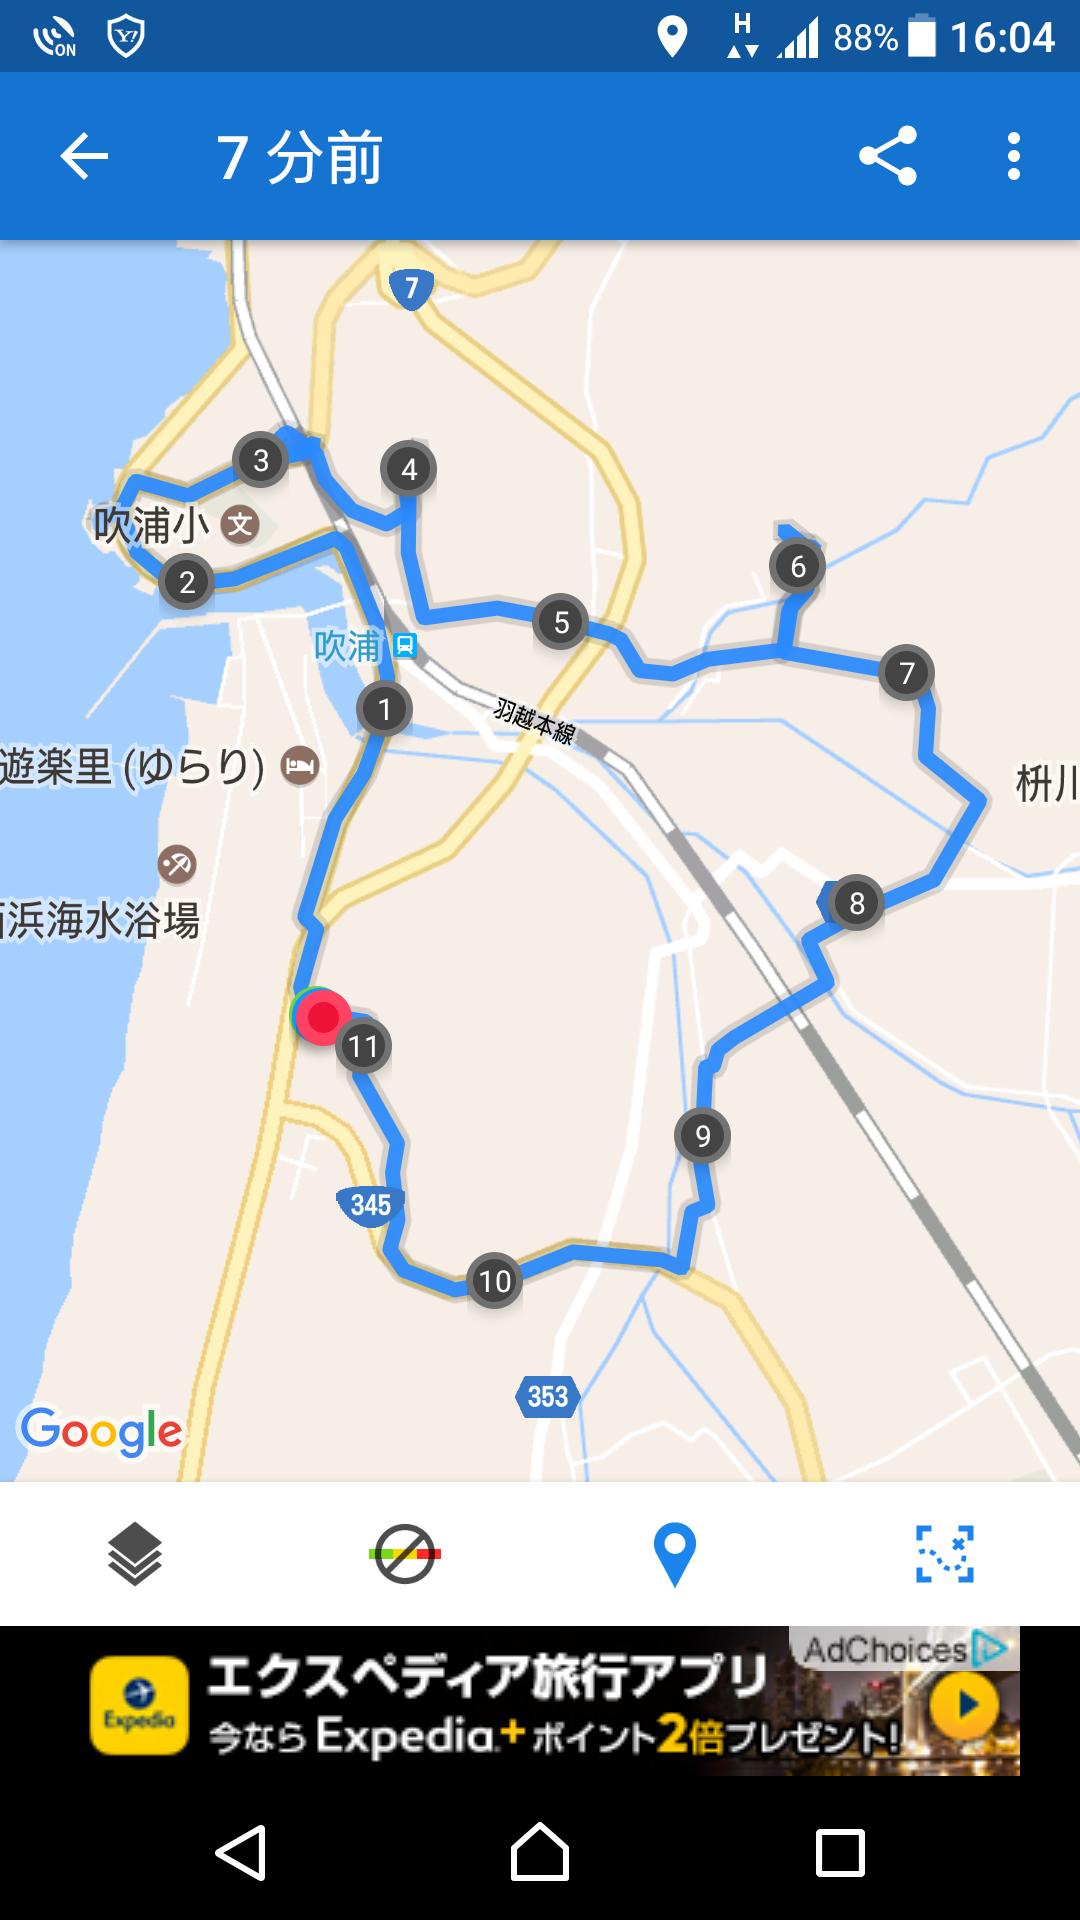 f:id:ynakayama27:20170612165445p:plain